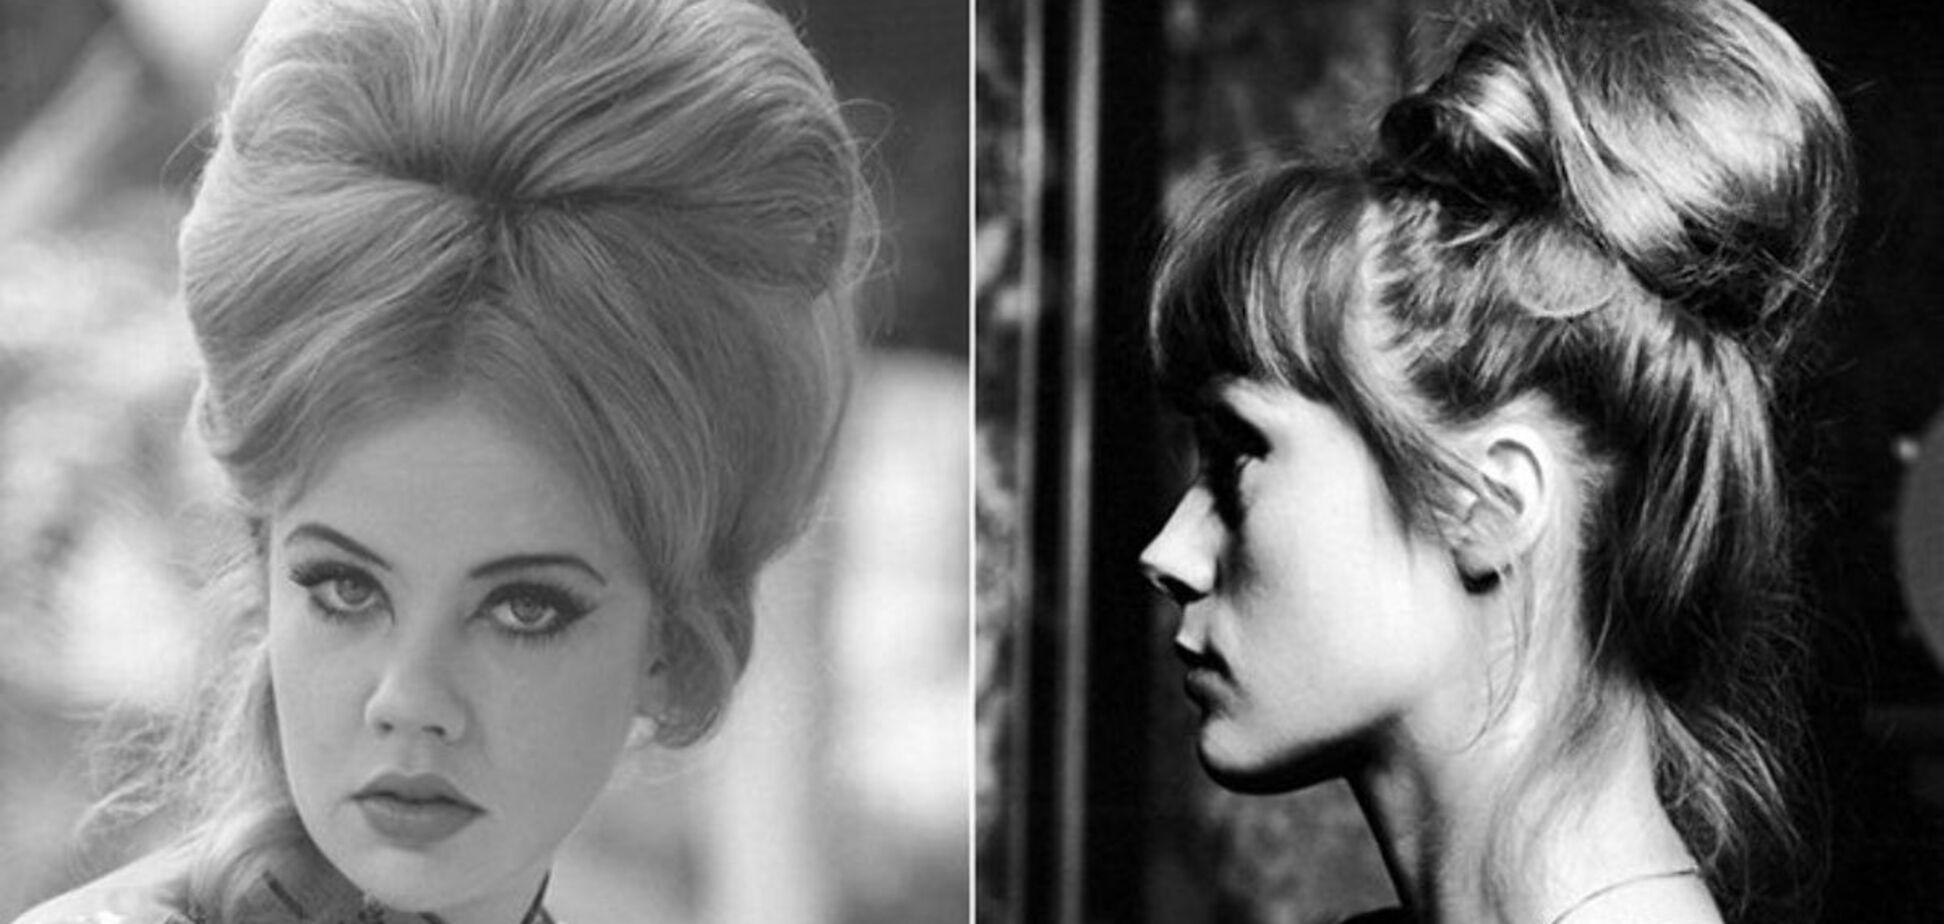 Високі зачіски були трендом в СРСР